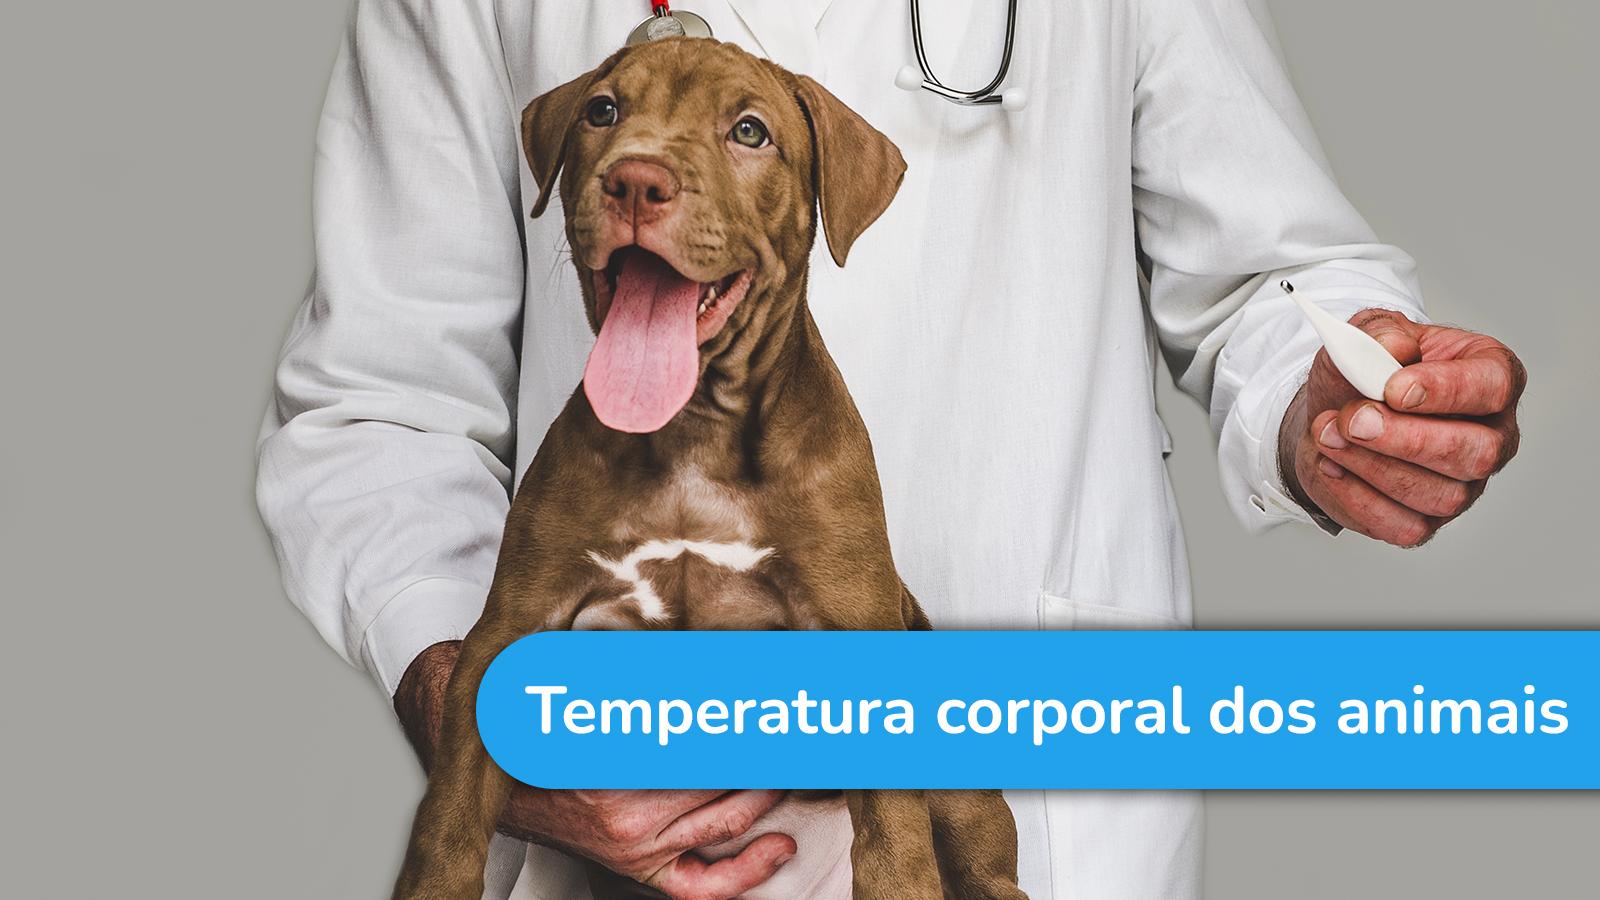 Os animais possuem a temperatura corporal como a dos humanos?